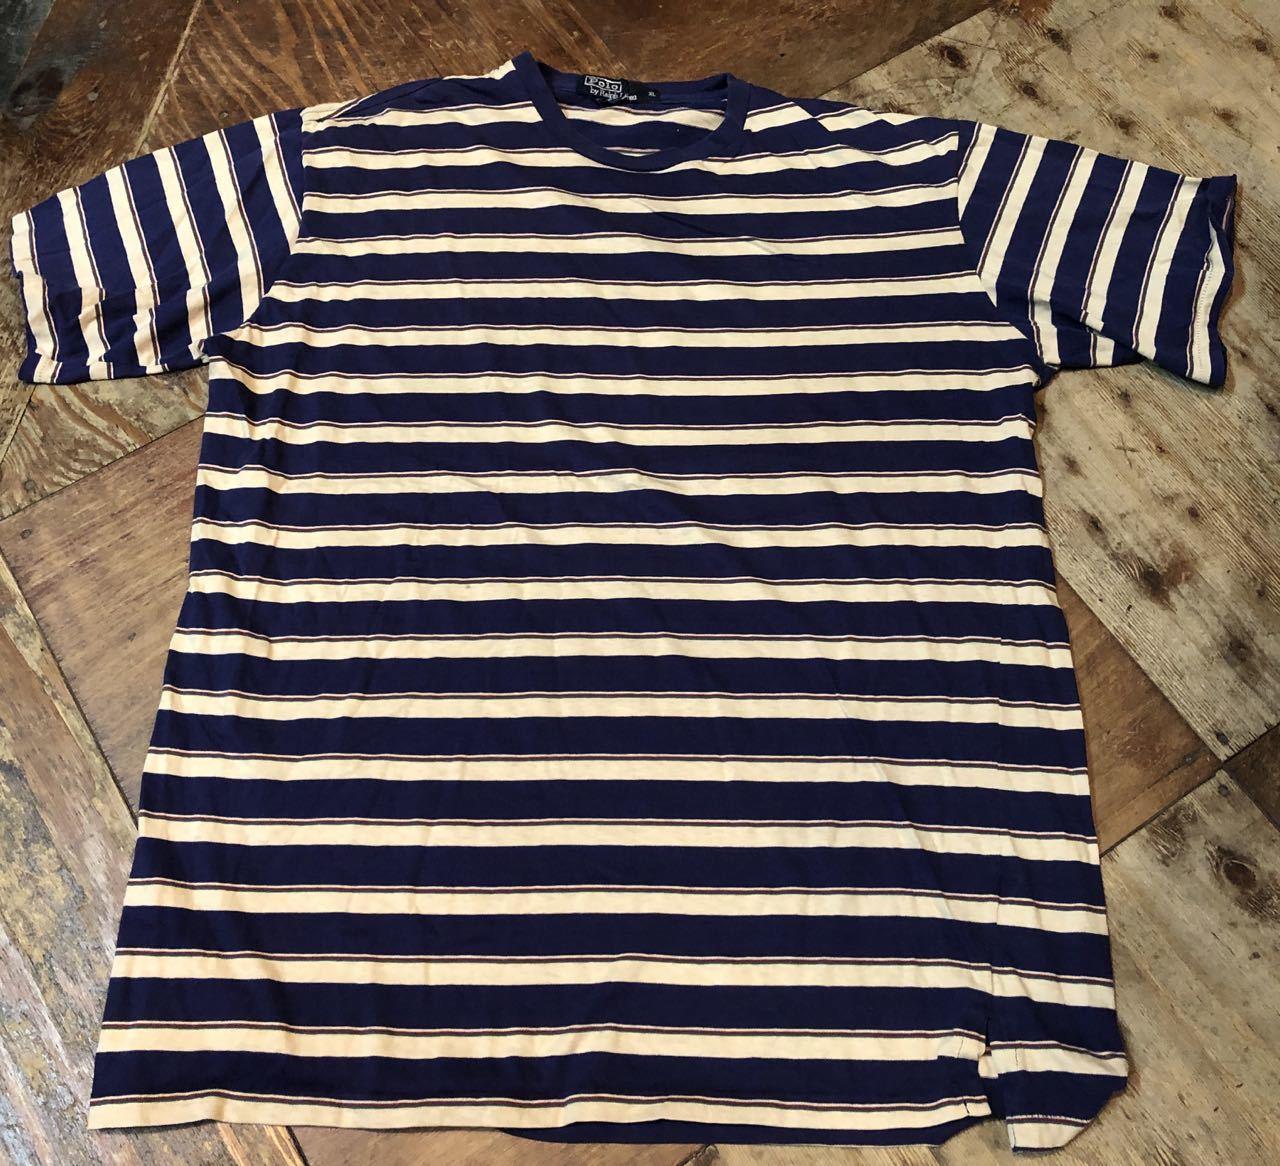 4月27日(土)入荷!80s all cotton MADE IN U.S.A ラルフローレン ボーダー Tシャツ!_c0144020_14015254.jpg